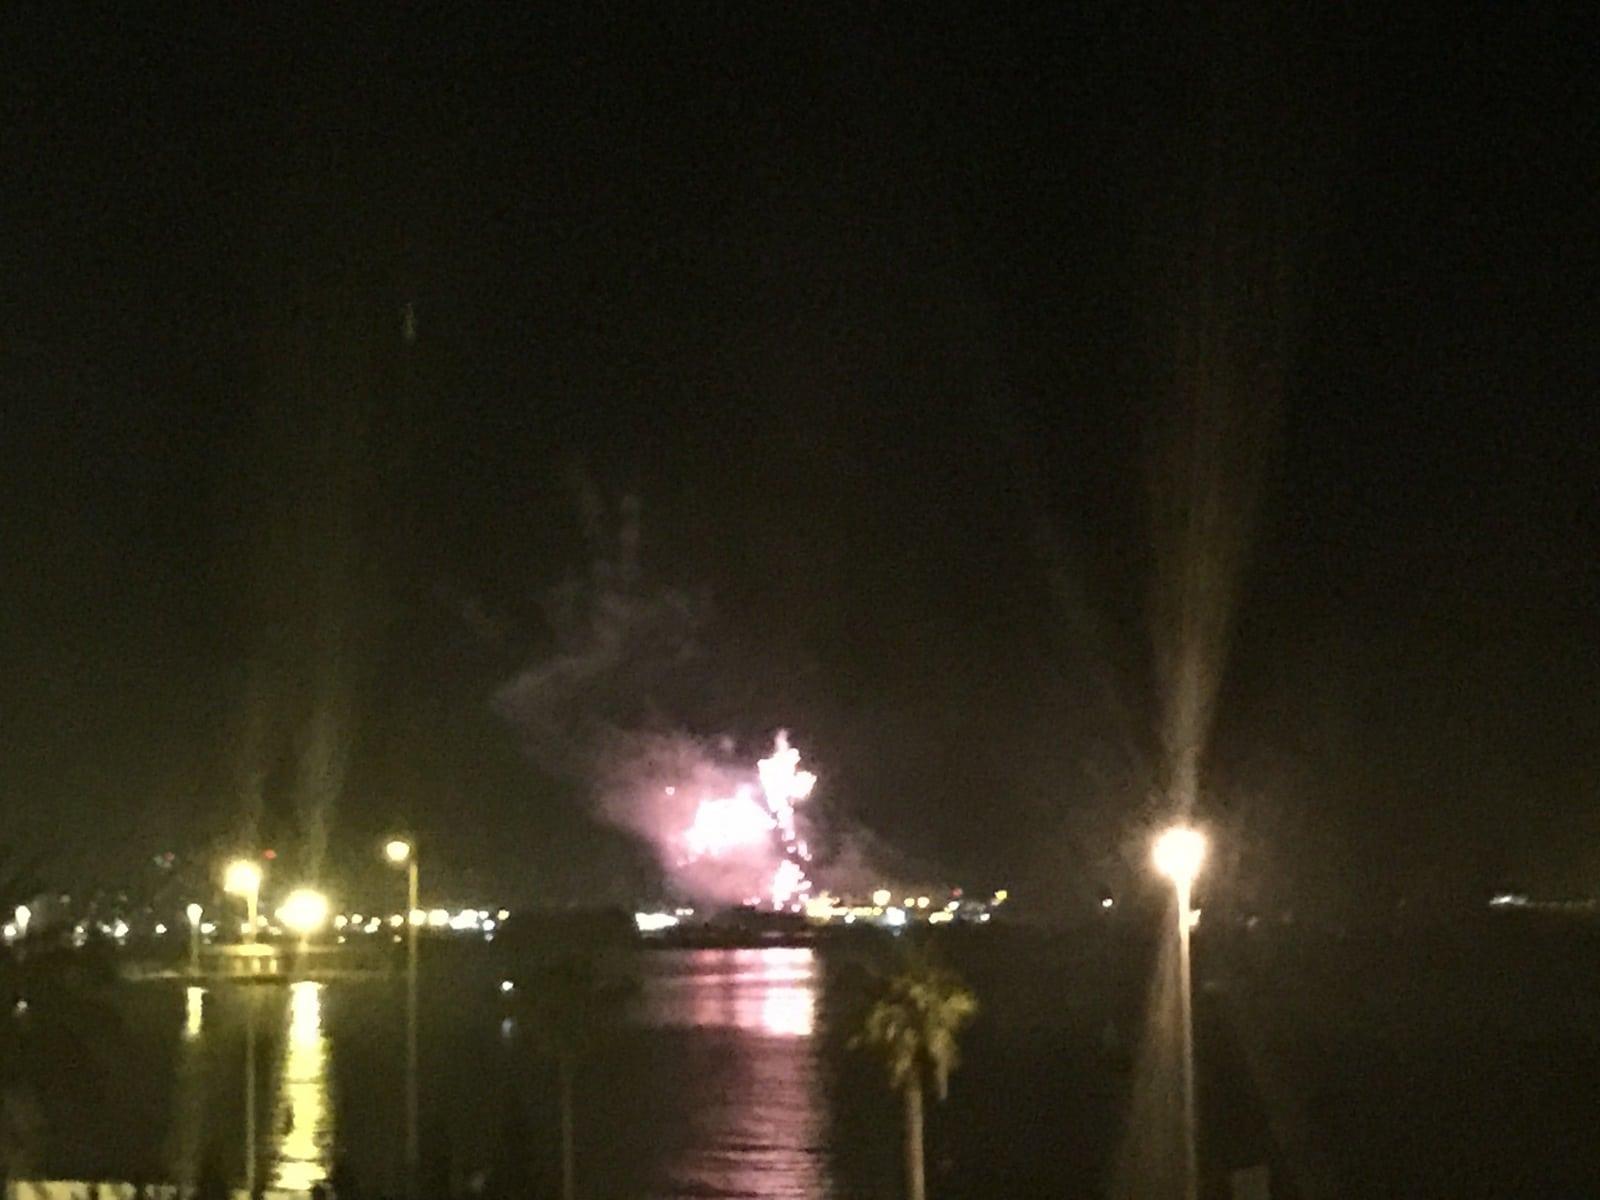 fuegos-artificiales-como-colofn-del-da-nacional-de-gibraltar-2015_22744960755_o